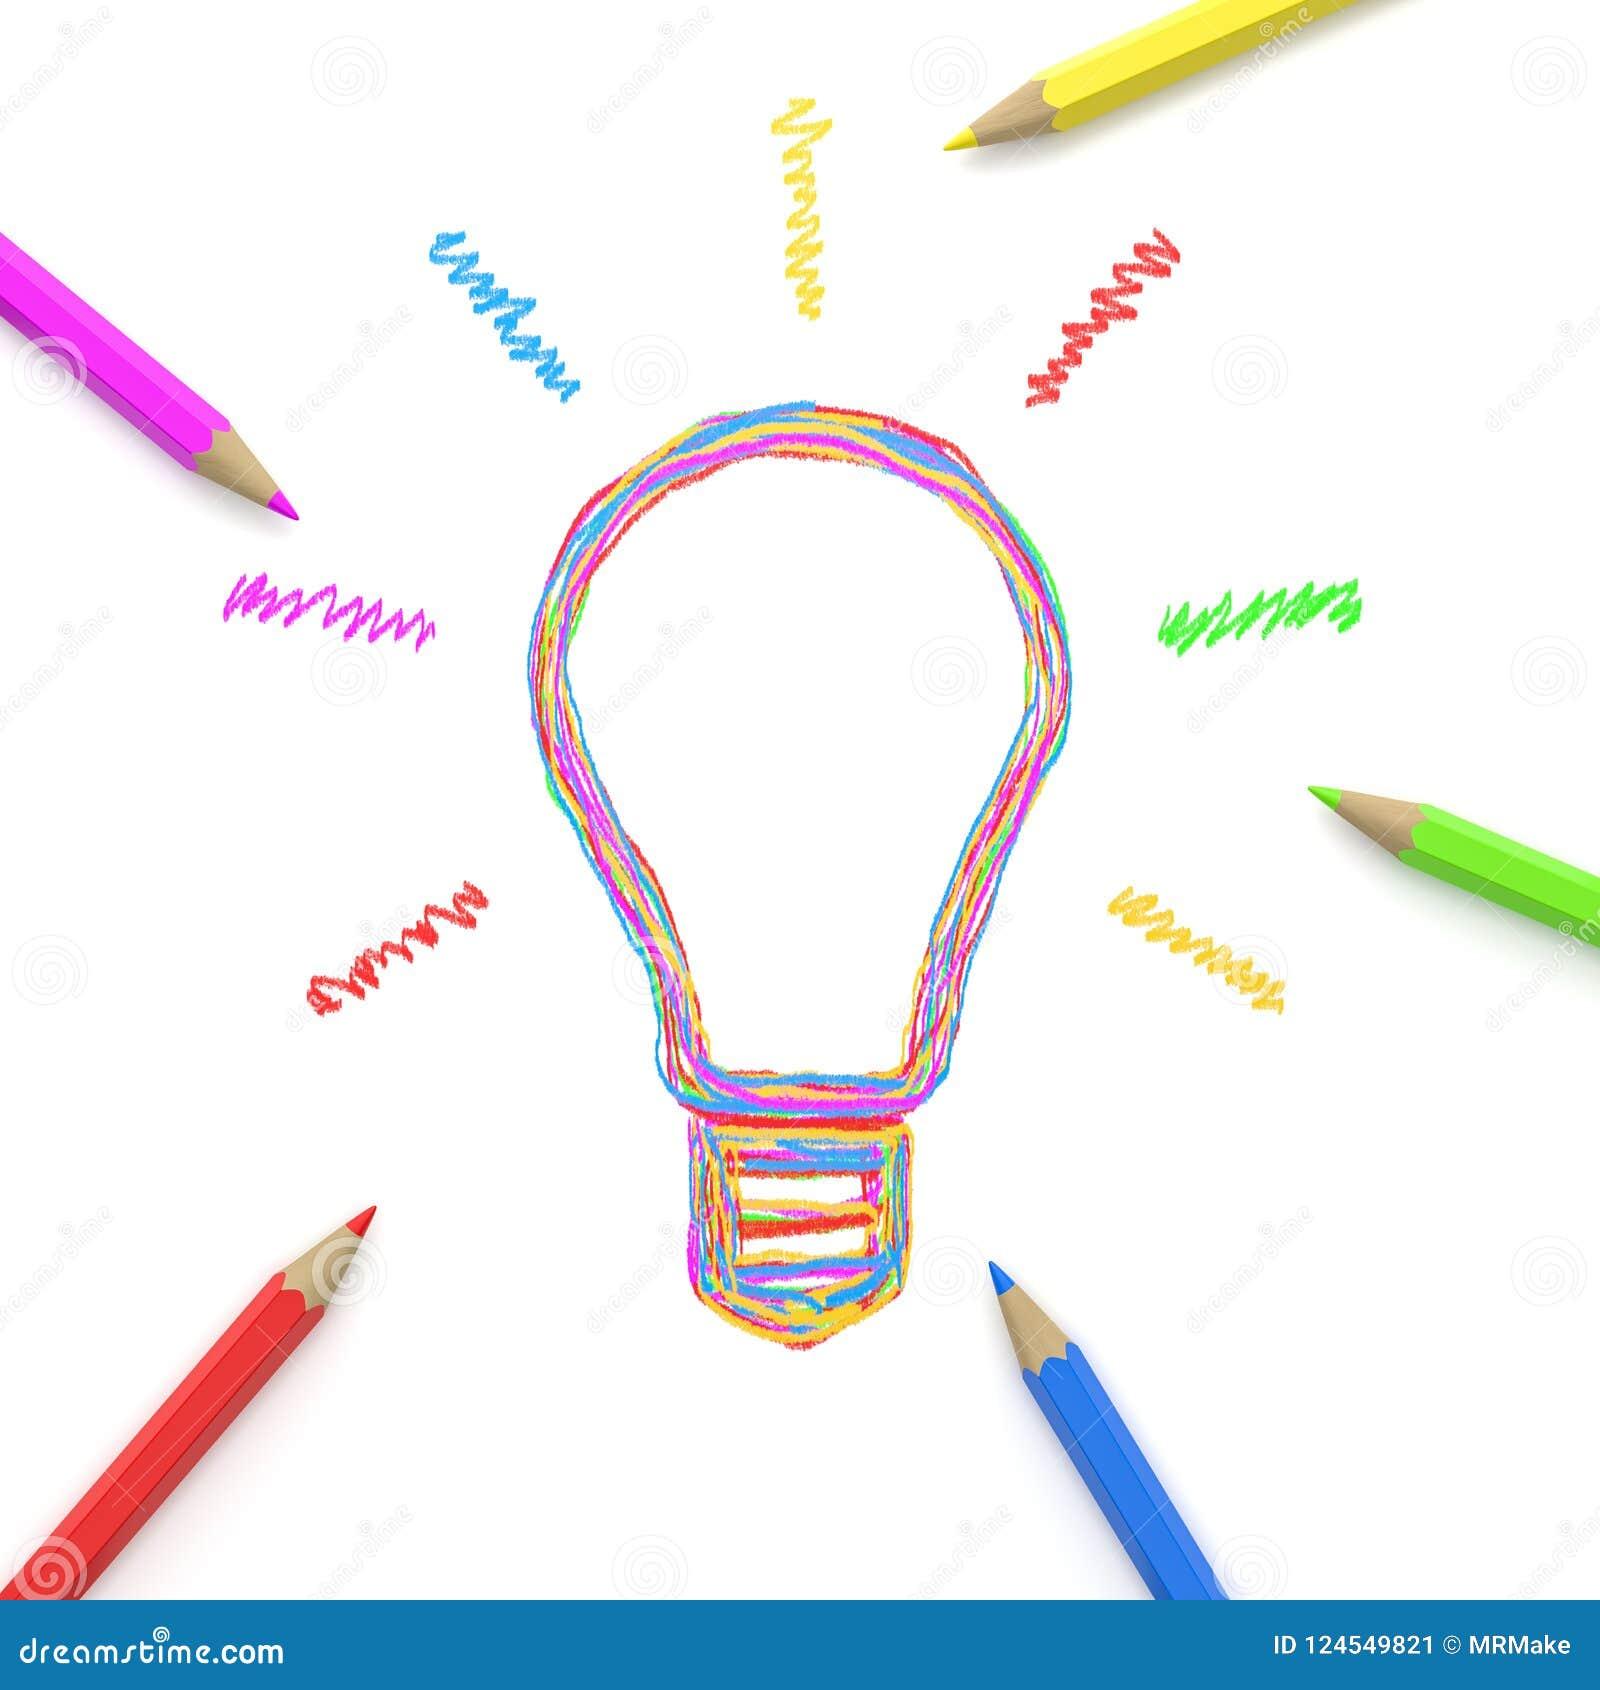 Dra tillsammans en idé, Crowdsourcing begrepp